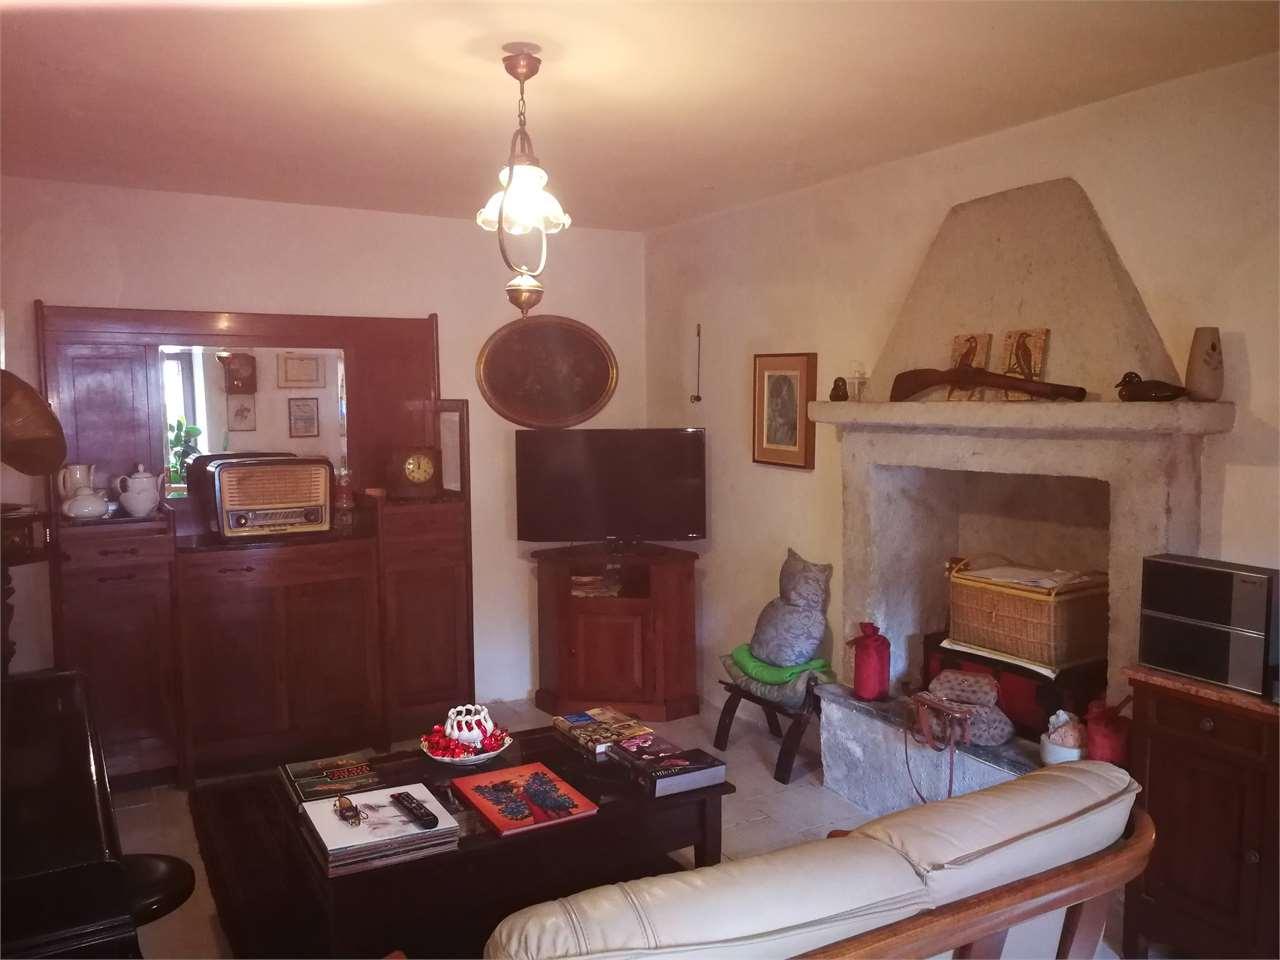 Appartamento in vendita a San Damiano d'Asti, 6 locali, zona Giulio, prezzo € 40.000   PortaleAgenzieImmobiliari.it